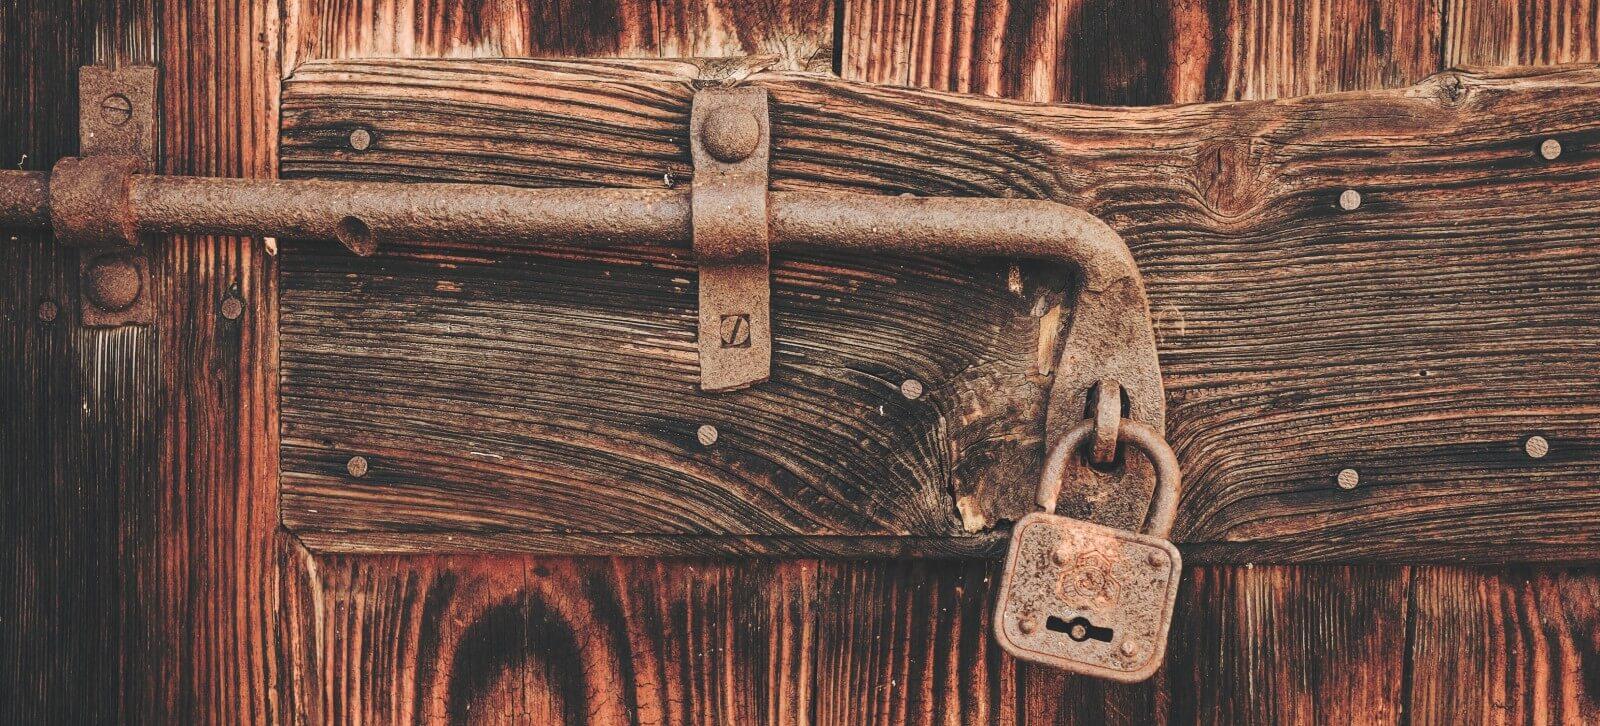 locked door banner - cristina-gottardi-maaWpQVgi00-unsplash